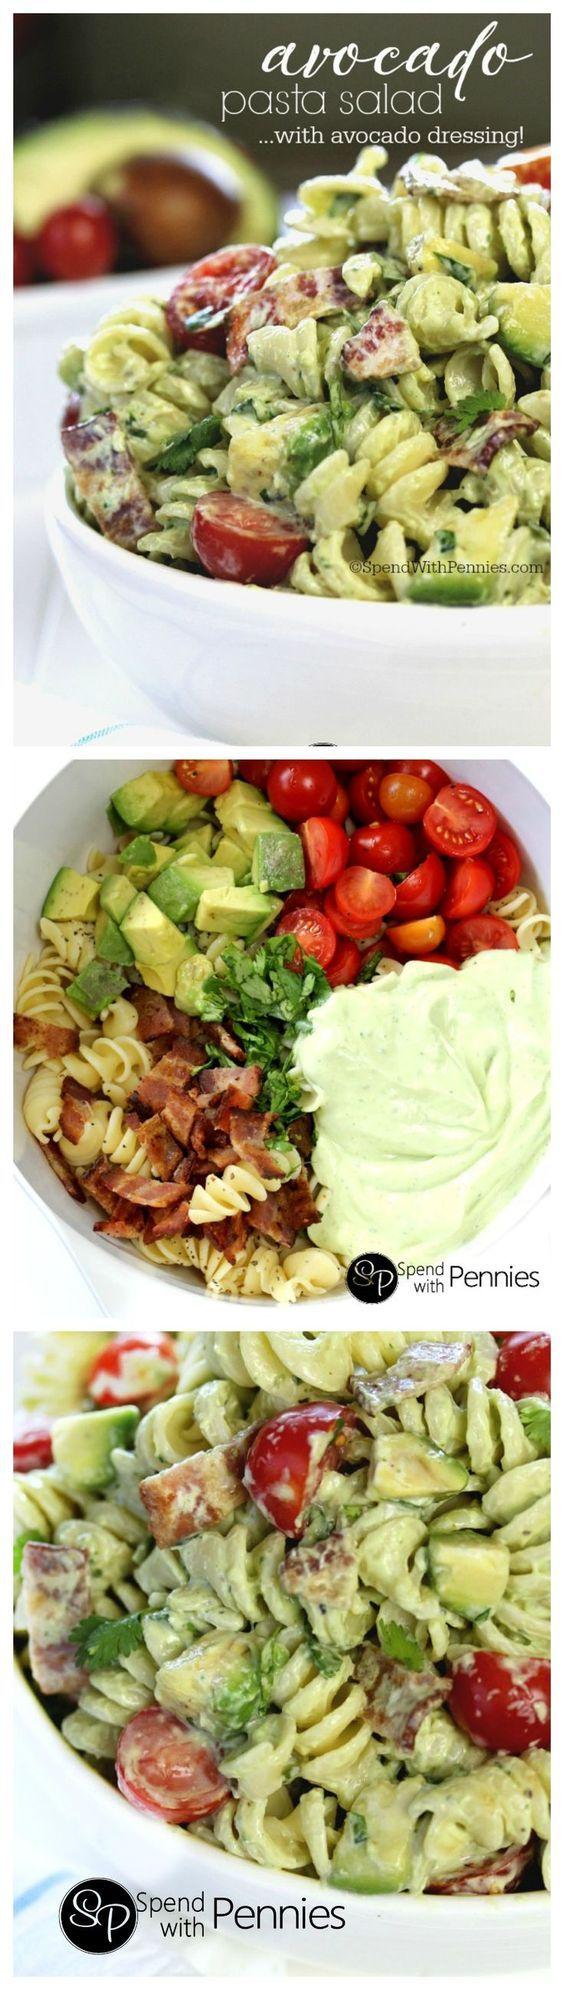 Einfache Pasta Salate Rezepte – Die besten leckeren Barbecue Beilagen, Potluck Favoriten und Summer Dinner Party Crowd Pleasers